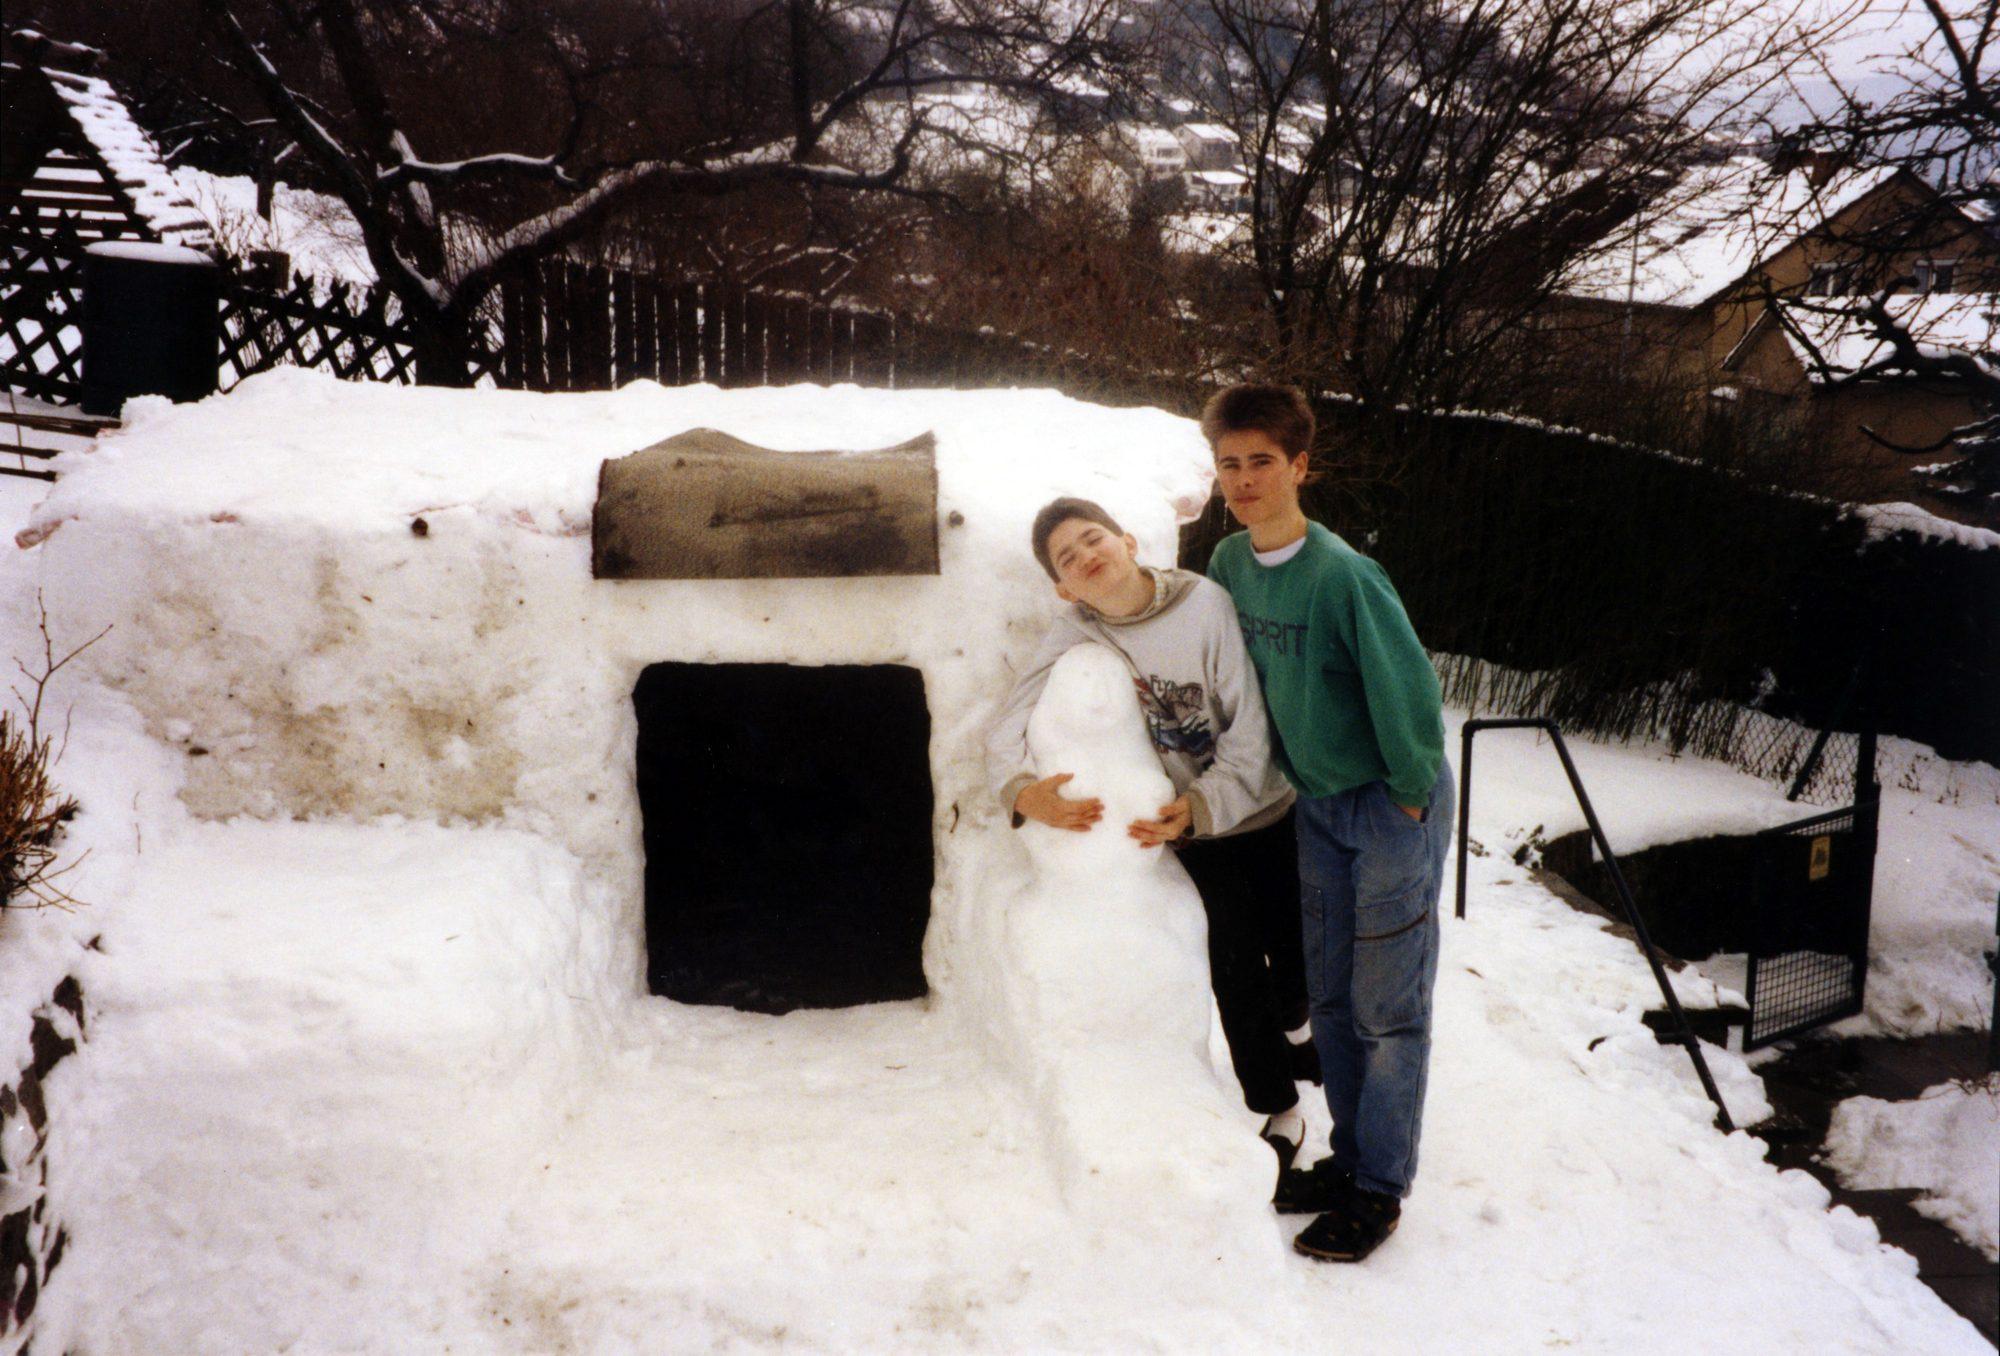 Winter im Frühjahr 1991 - Das größte und eindrucksvollste Iglu das wir je gebaut haben. Thilo und Michael.